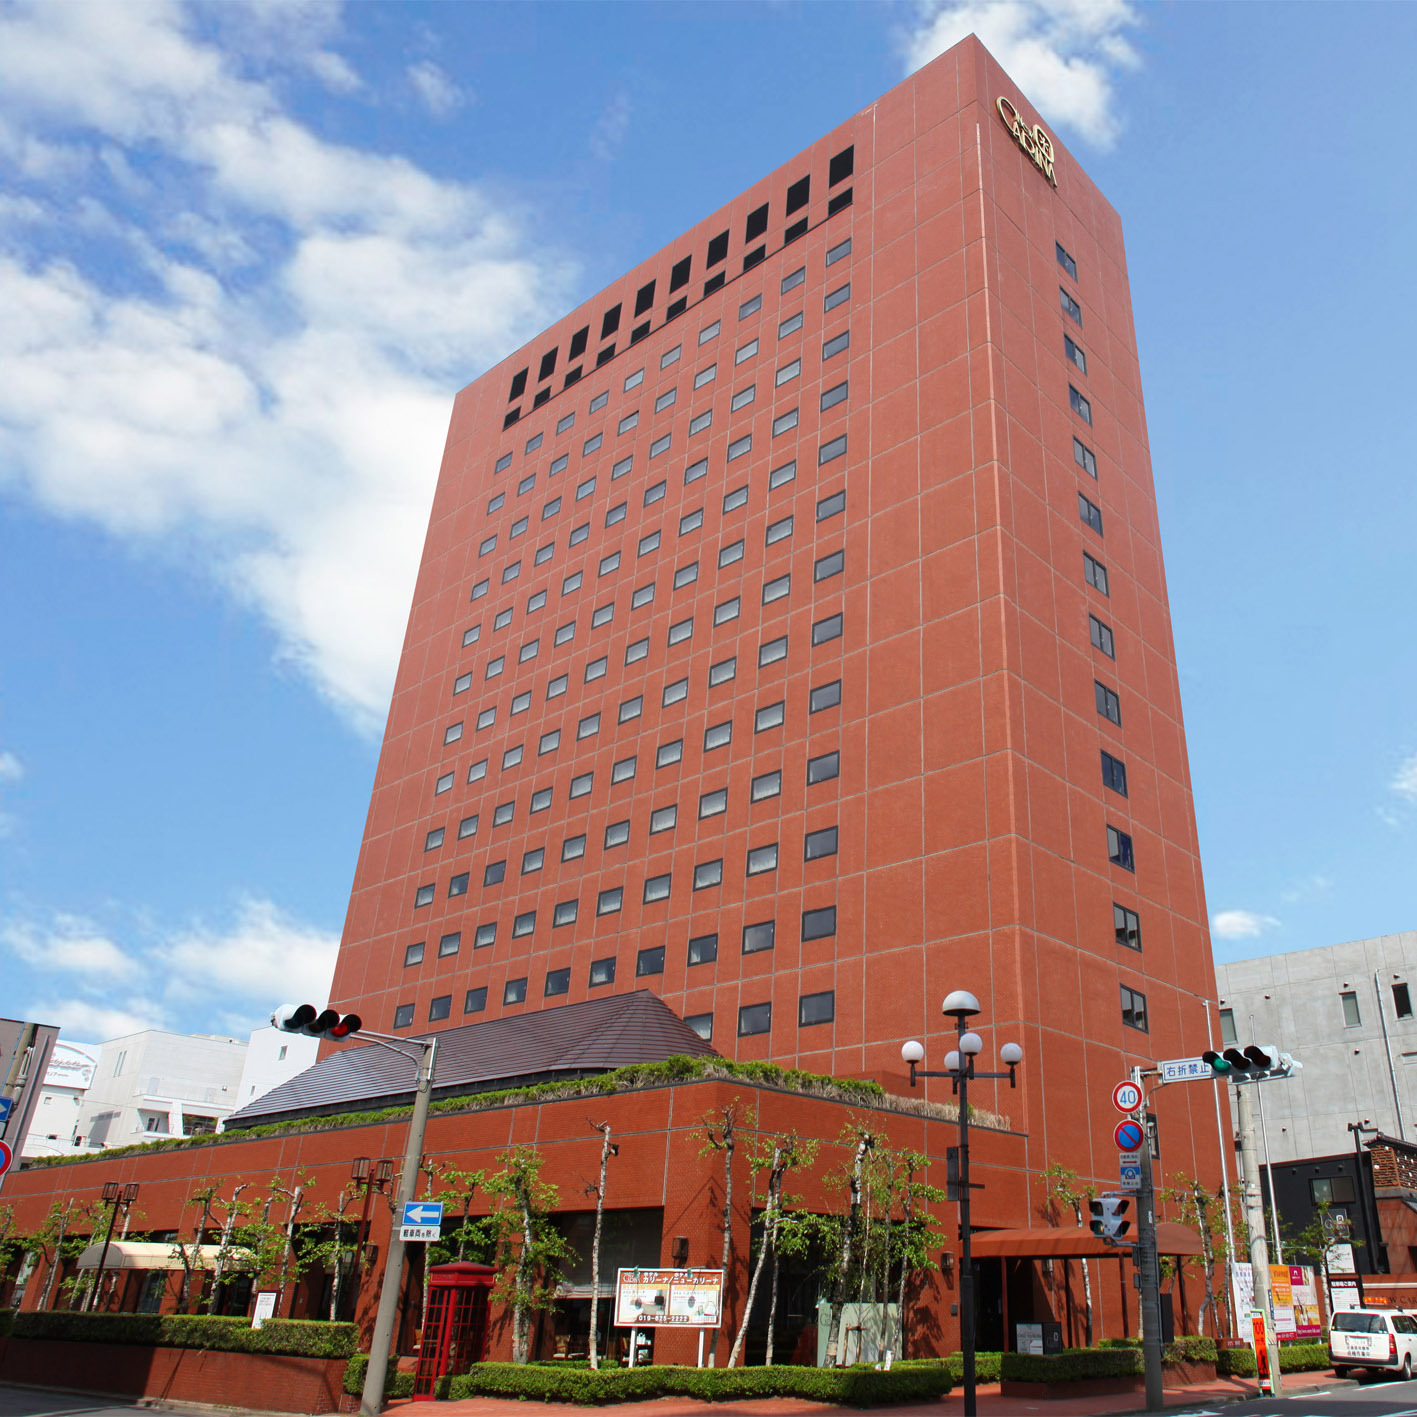 30人厳選】盛岡で素泊まり格安のビジネスホテル10軒 | だれどこ